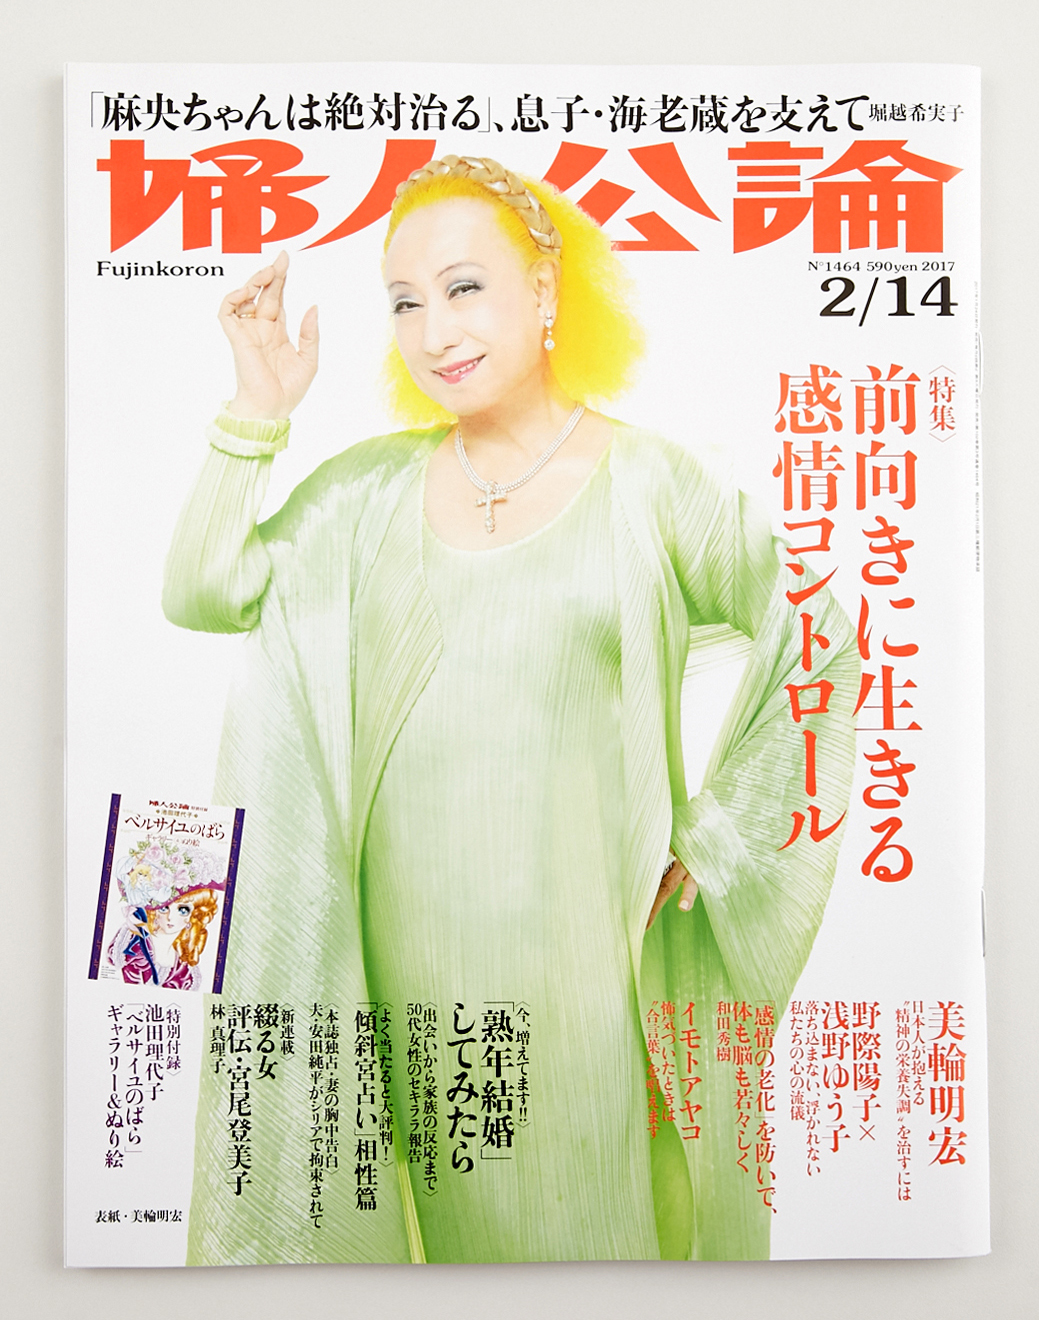 『婦人公論』の創刊は1916年。女性の社会的地位が確立されていなかった戦前から、女性を暖かく見守り、生き方の指針を示してきた老舗雑誌です。その長い歴史の中で、女性編集長は横山さんを含め、わずか4人。現在は隔週刊(毎月第2・第4火曜日発売)、定価570円(税込)。